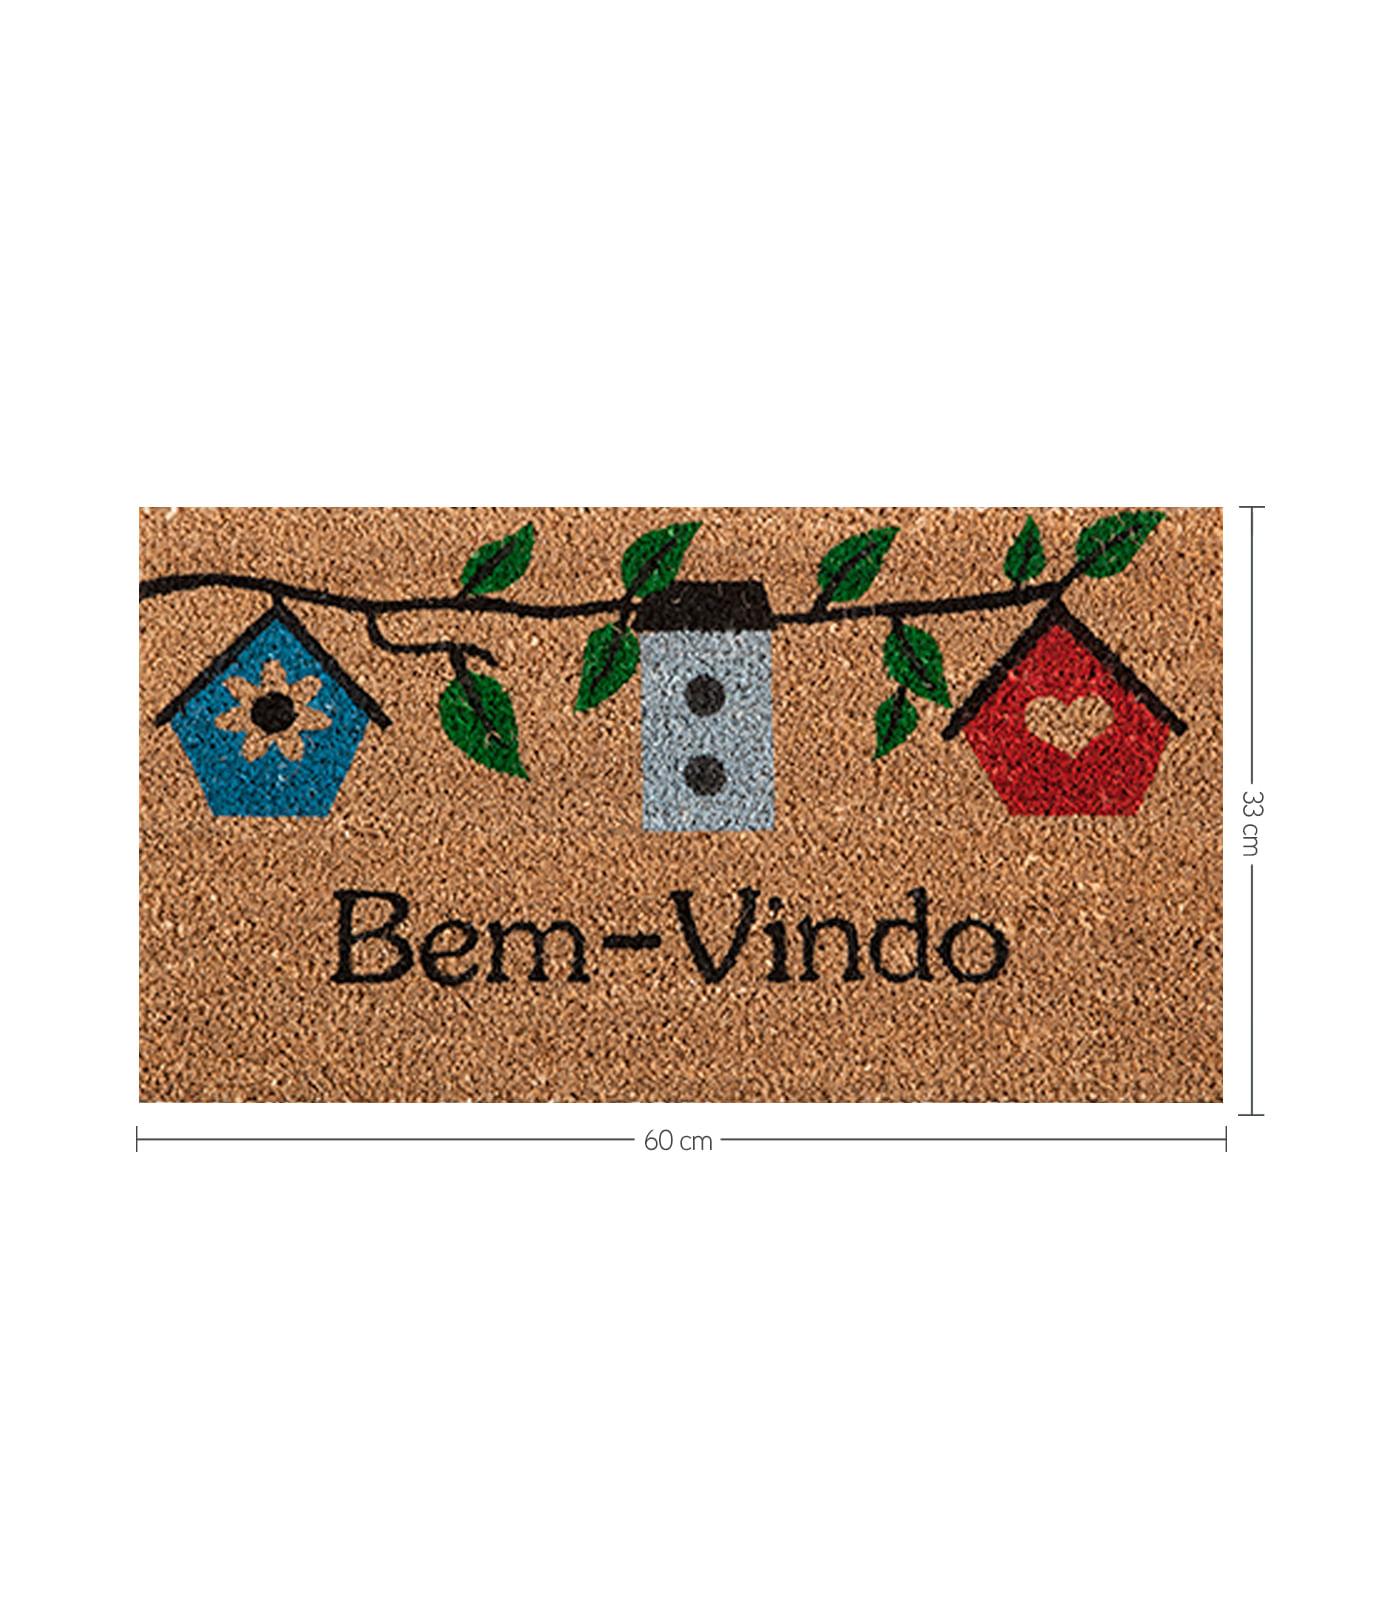 Capacho-Bem-Vindo-House-de-Fibra-de-Coco-Cortex-Unica